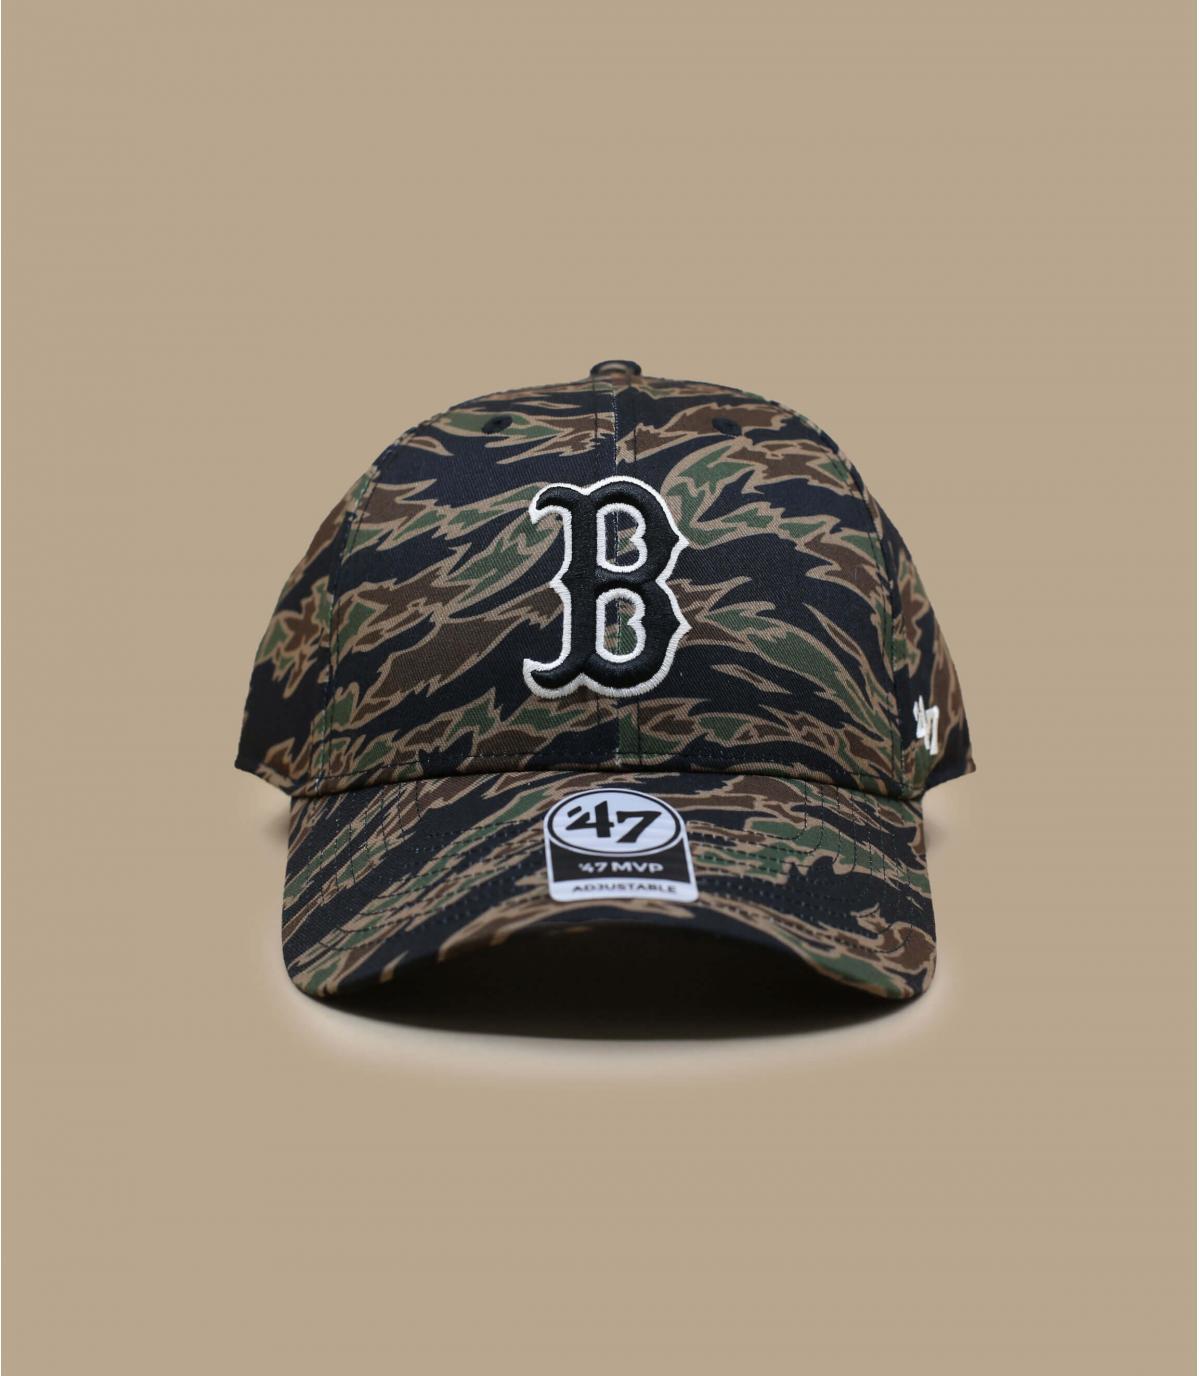 Détails Drop Zone MVP Boston tiger camo - image 2